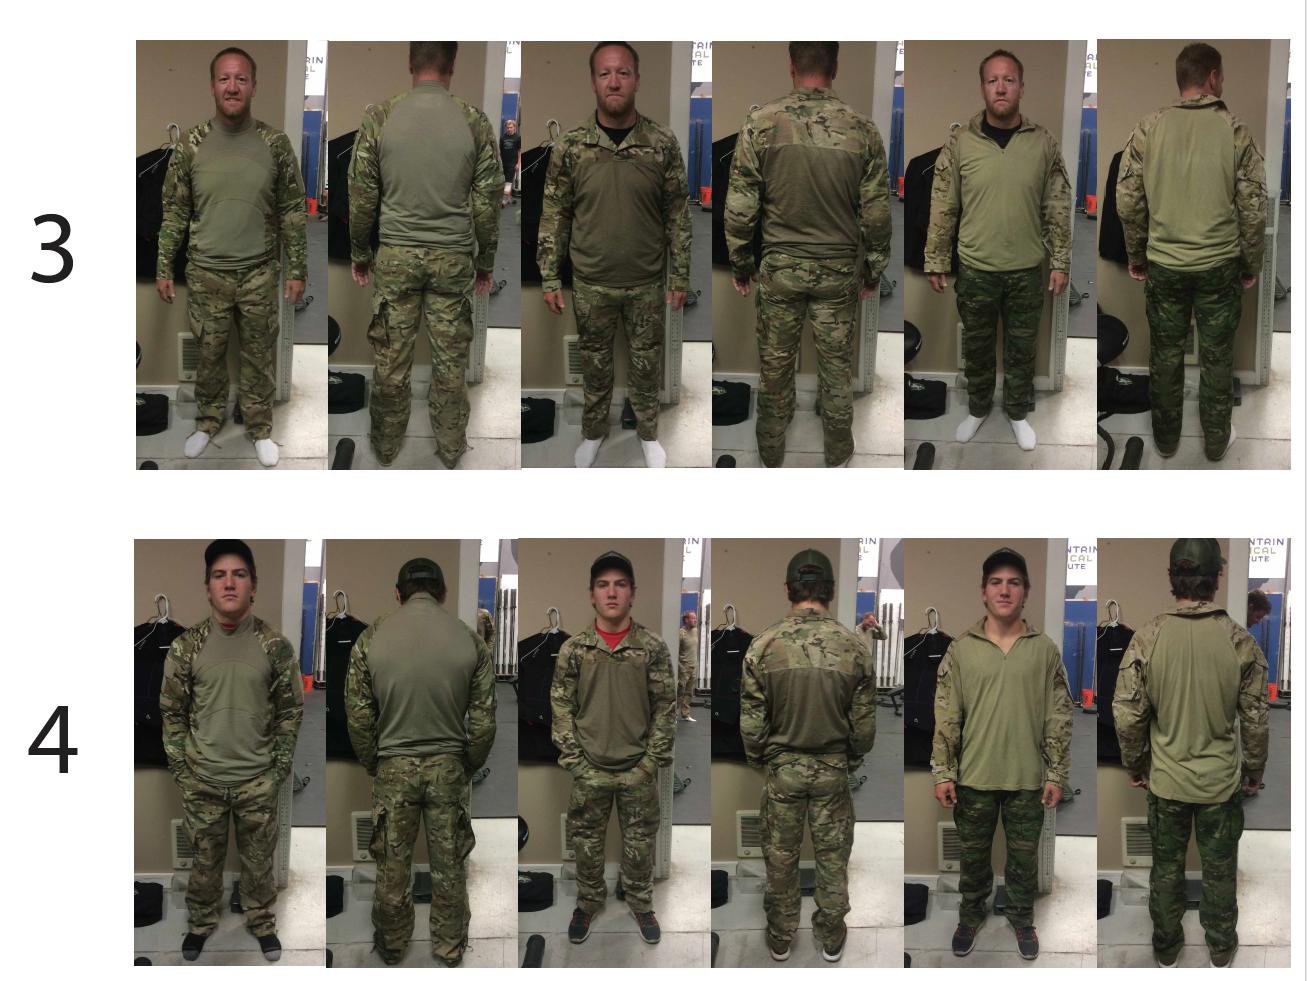 Lab Rat Uniform FIt 3,4